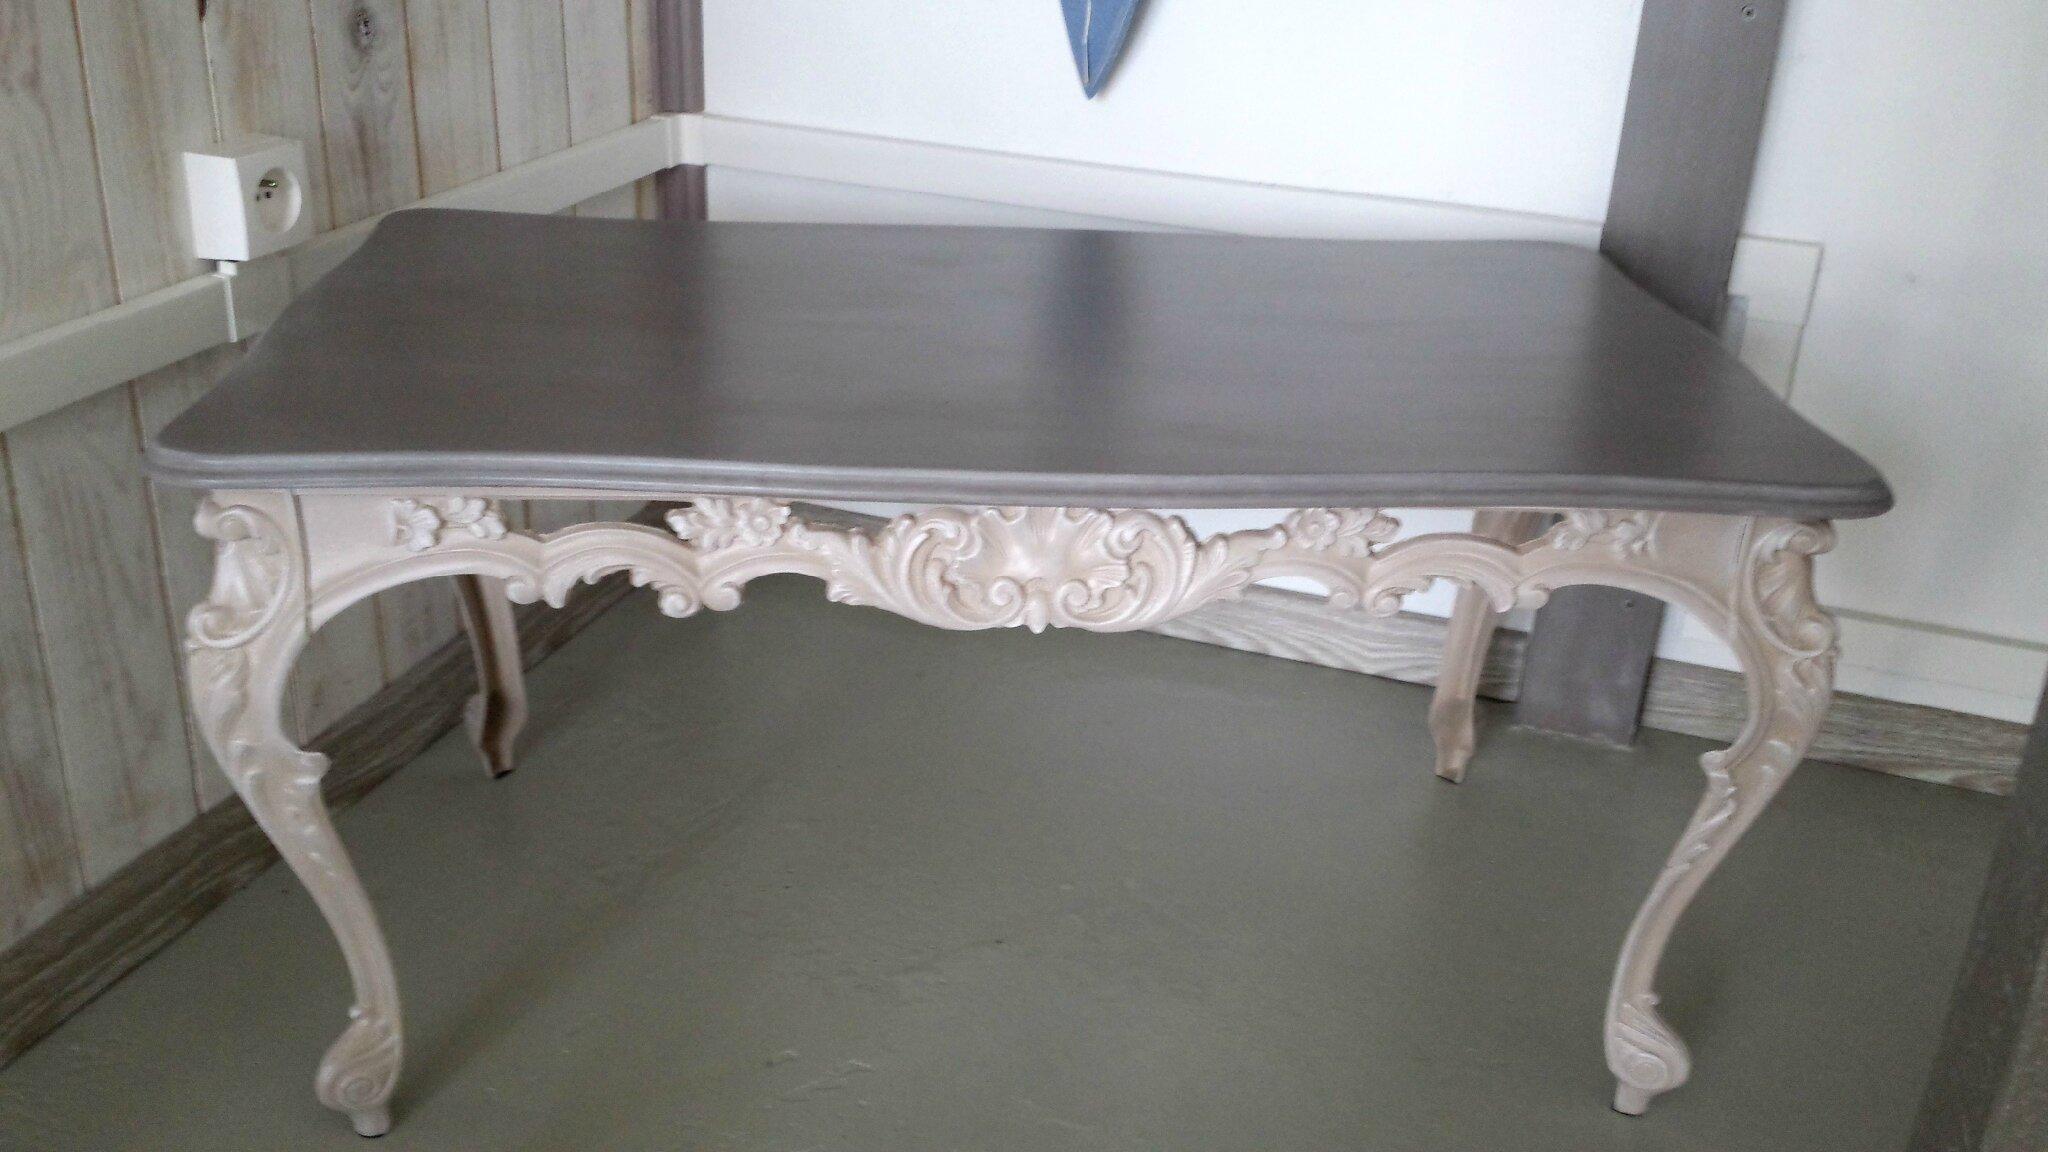 Table de basse ancienne r f dmc153 la boutique de - Table basse repeinte ...